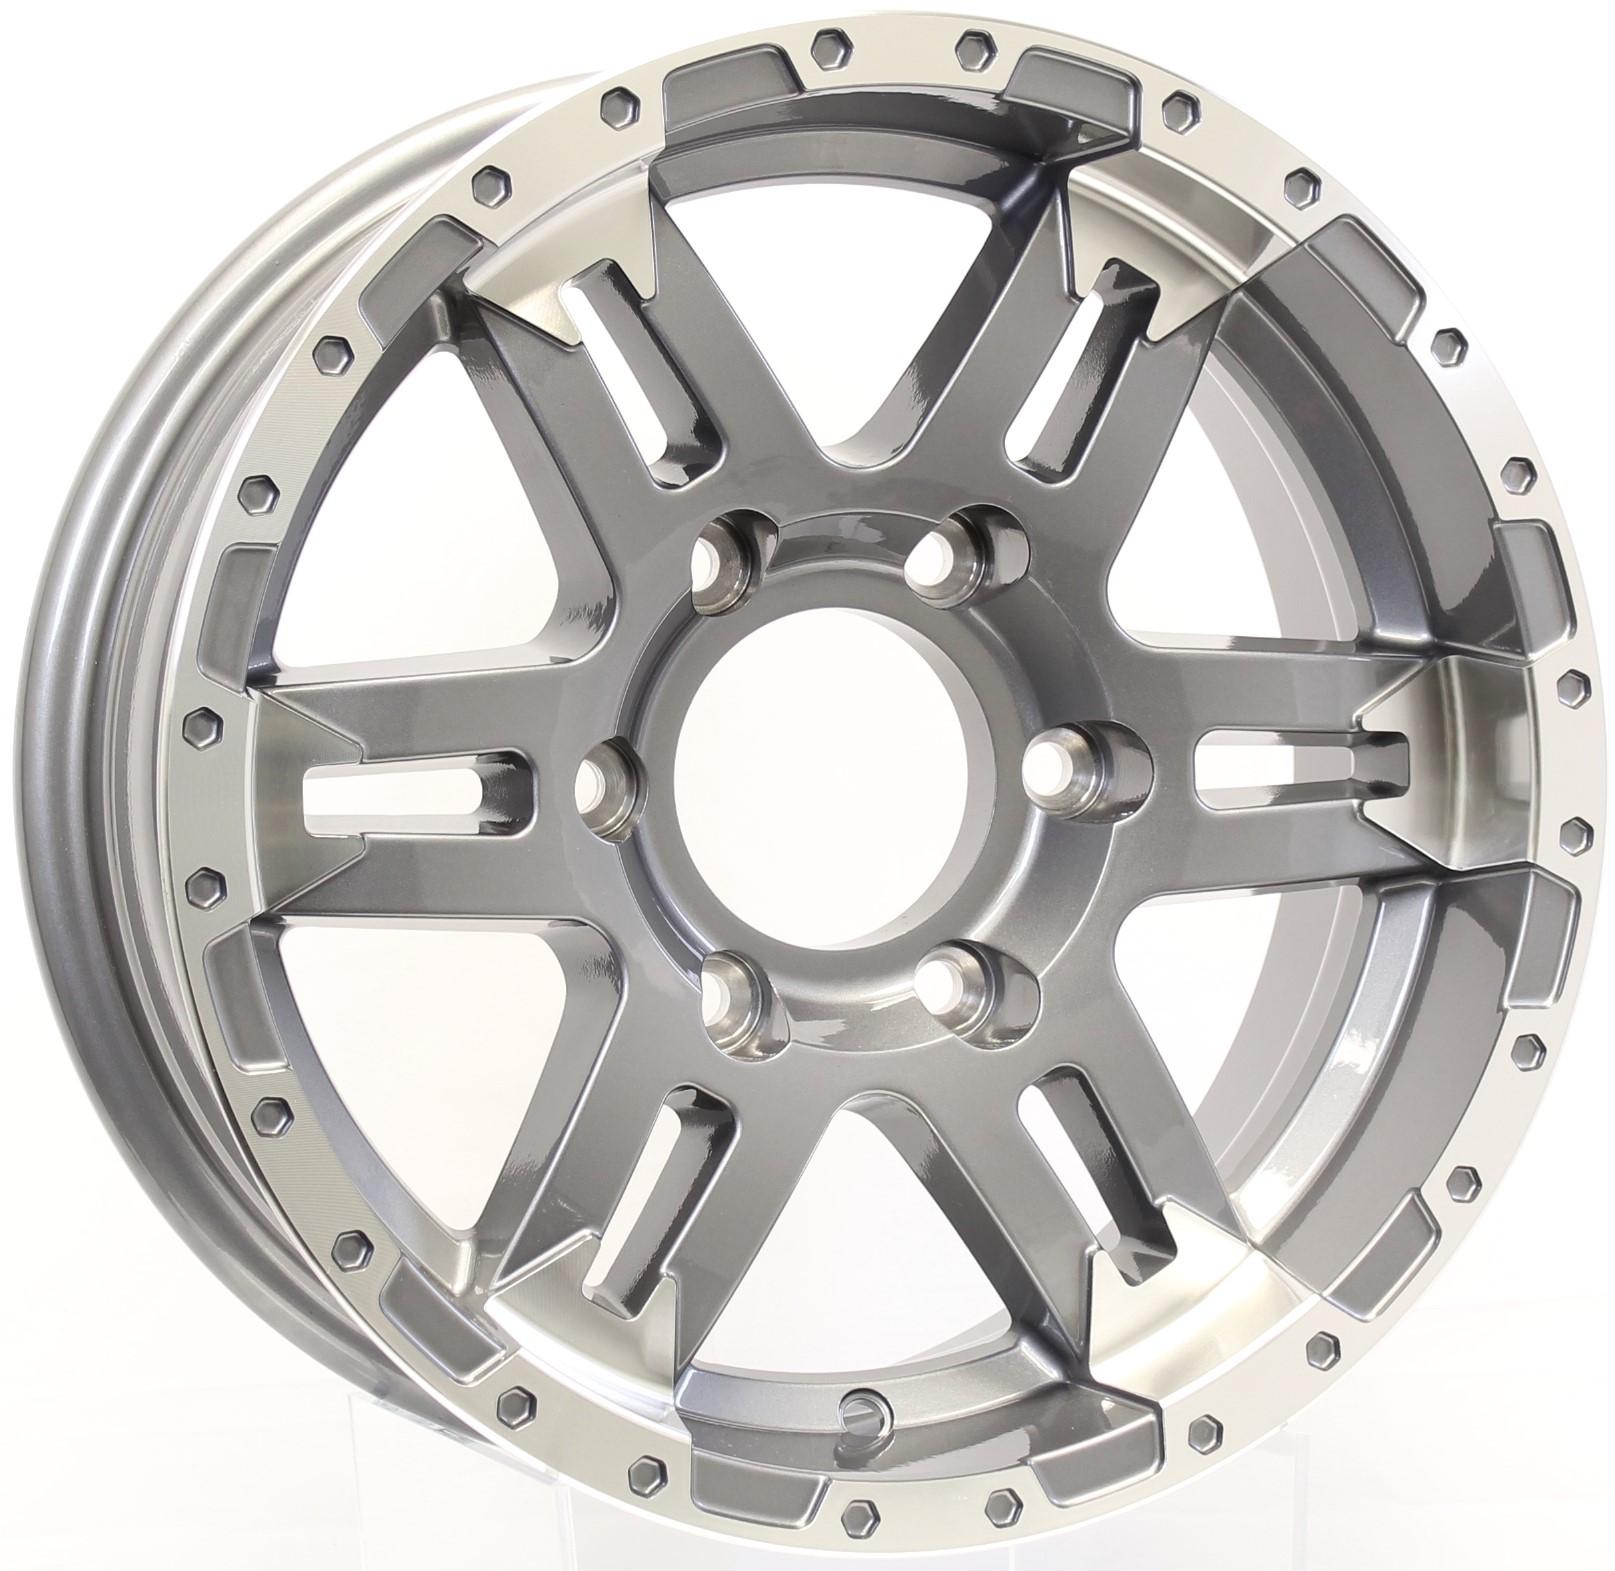 Turismo- 15x6 6-5.5 Gunmetal Aluminum Trailer Wheel Image